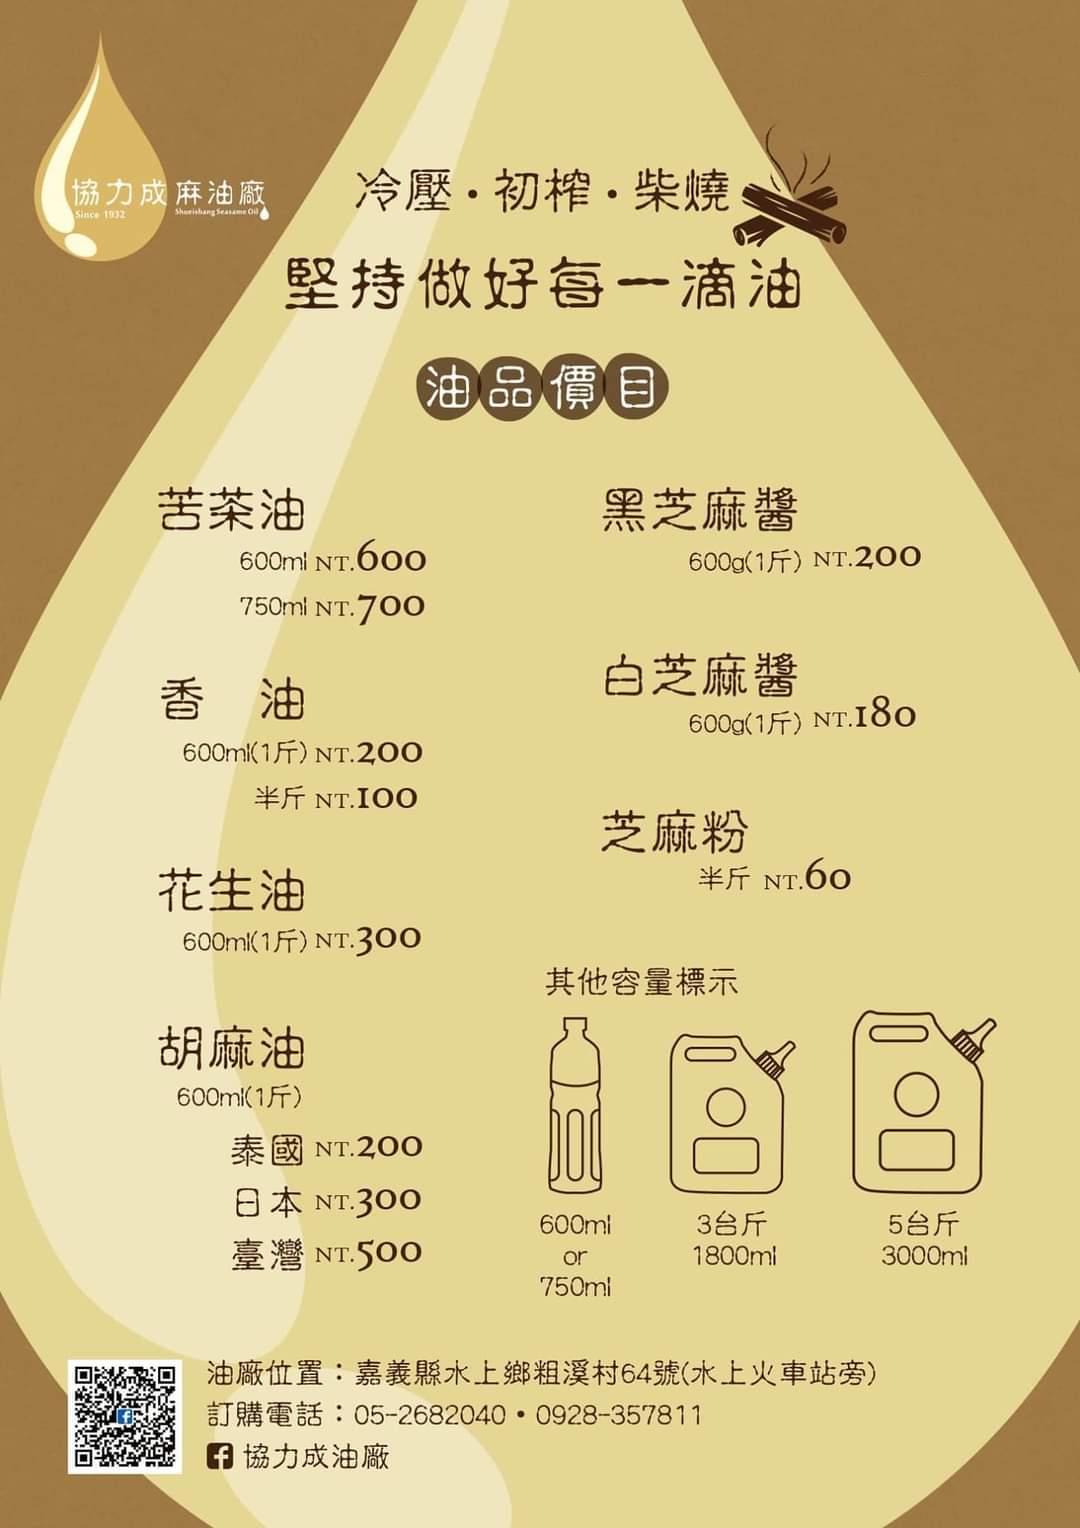 FB_IMG_1622697540670 - Ting Huang